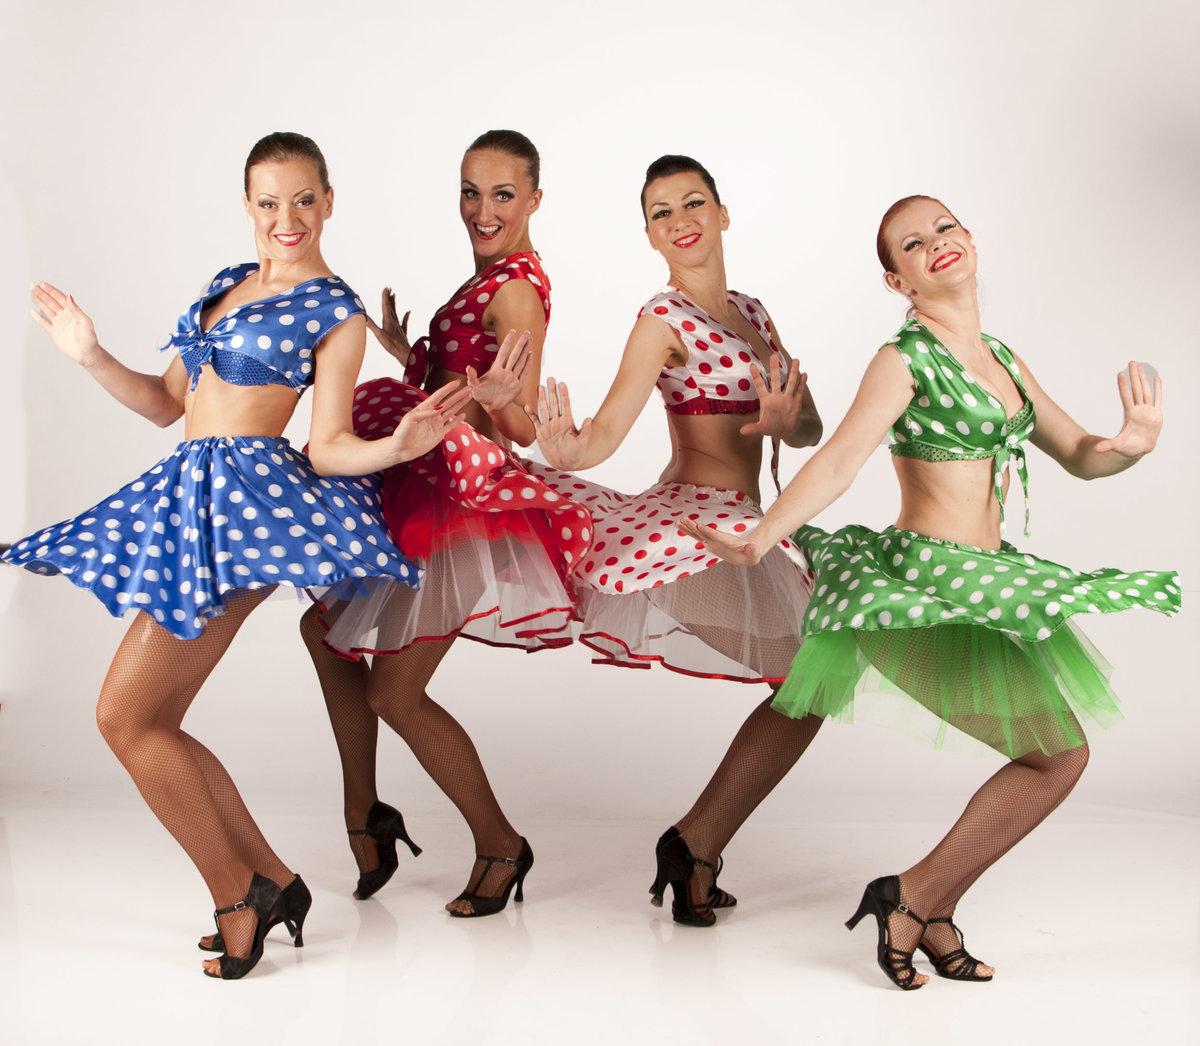 картинки танцевального стиля стоит проверить смартфон